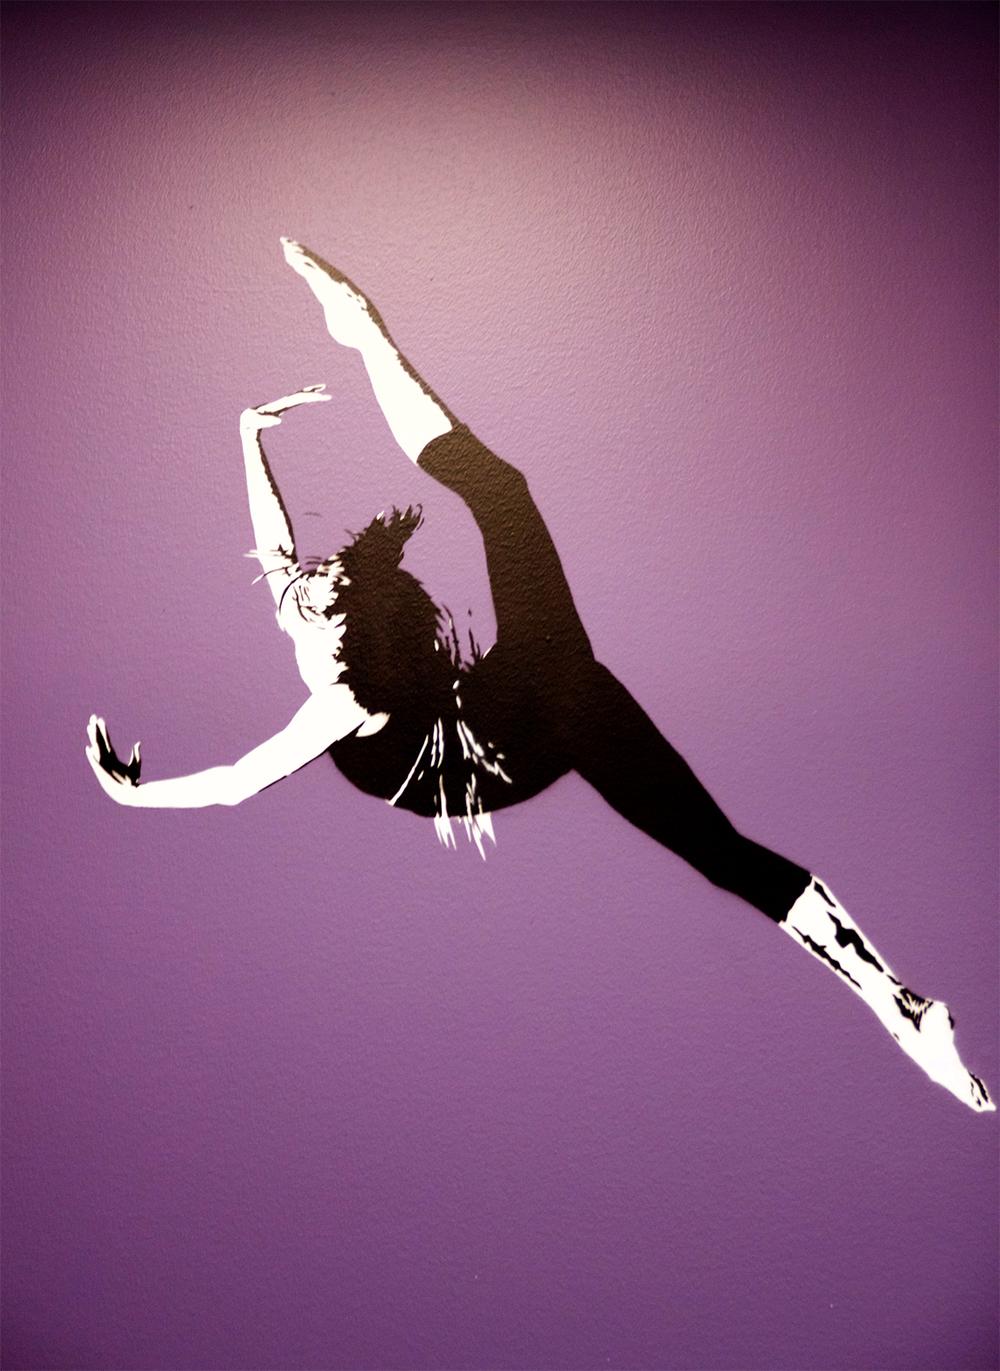 dancer_3.jpg